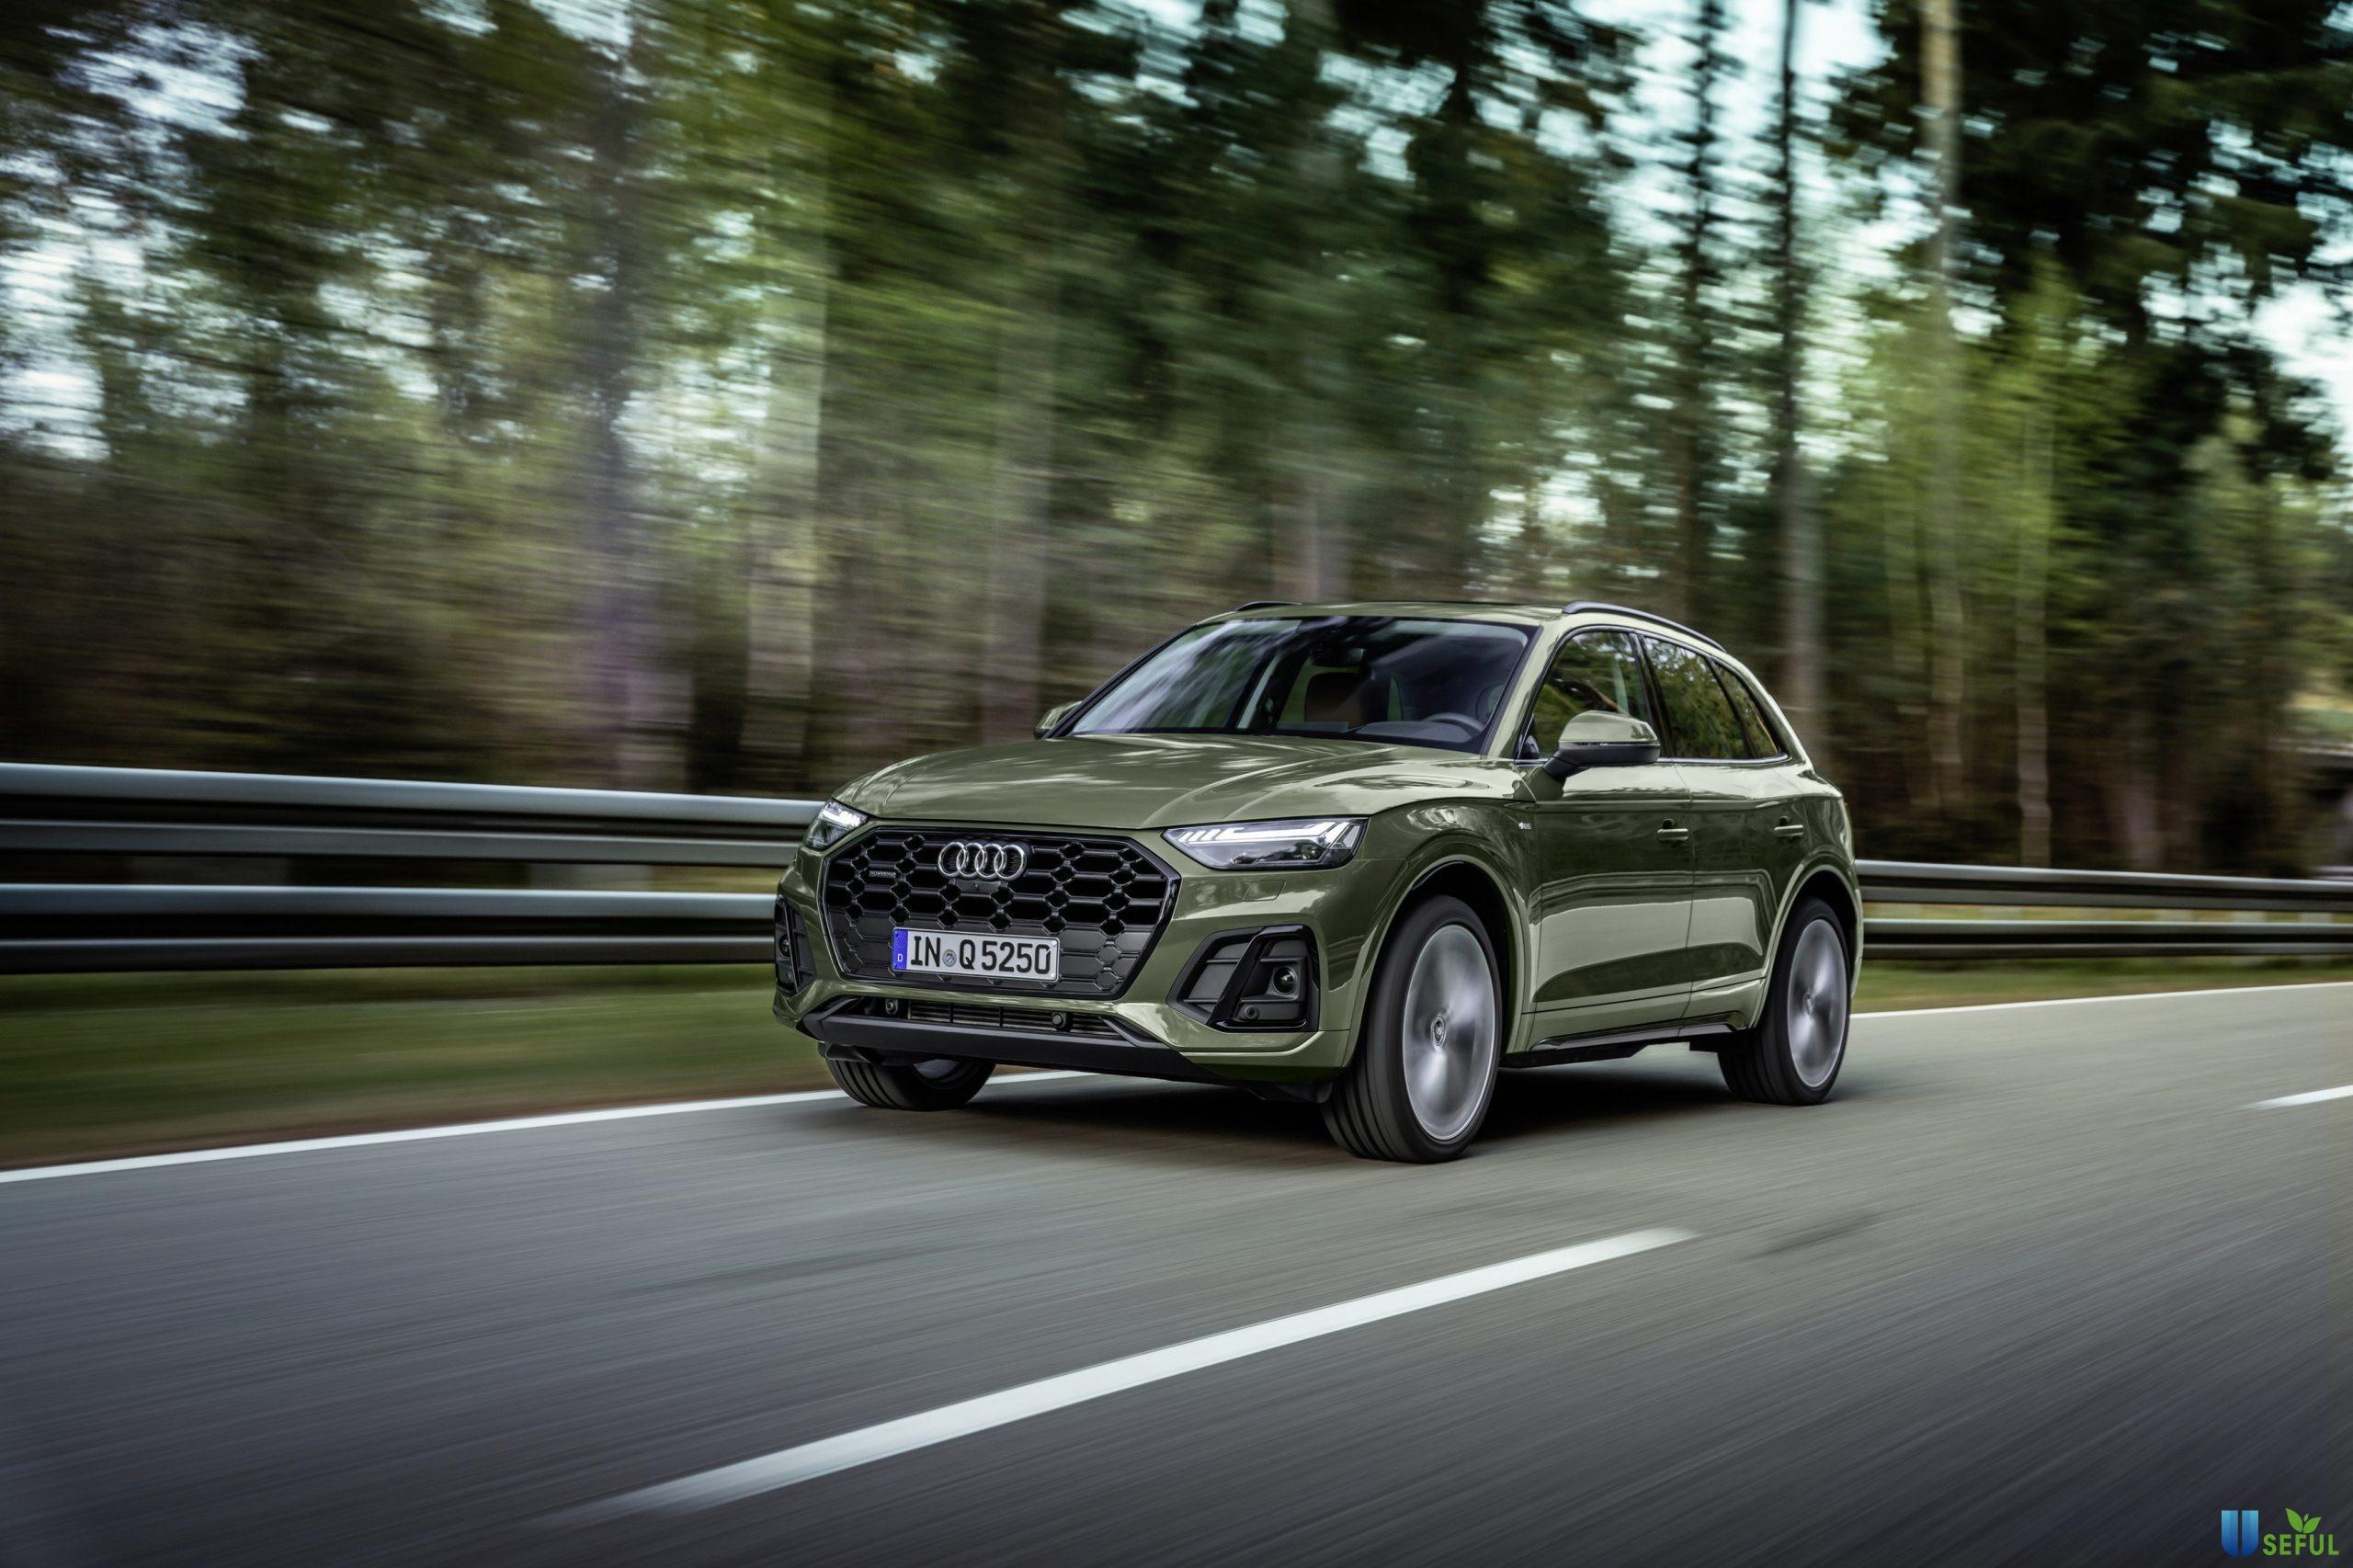 Audi actualiza al Q5. Más tecnológico y nuevo diseño - Lifestyle Motor